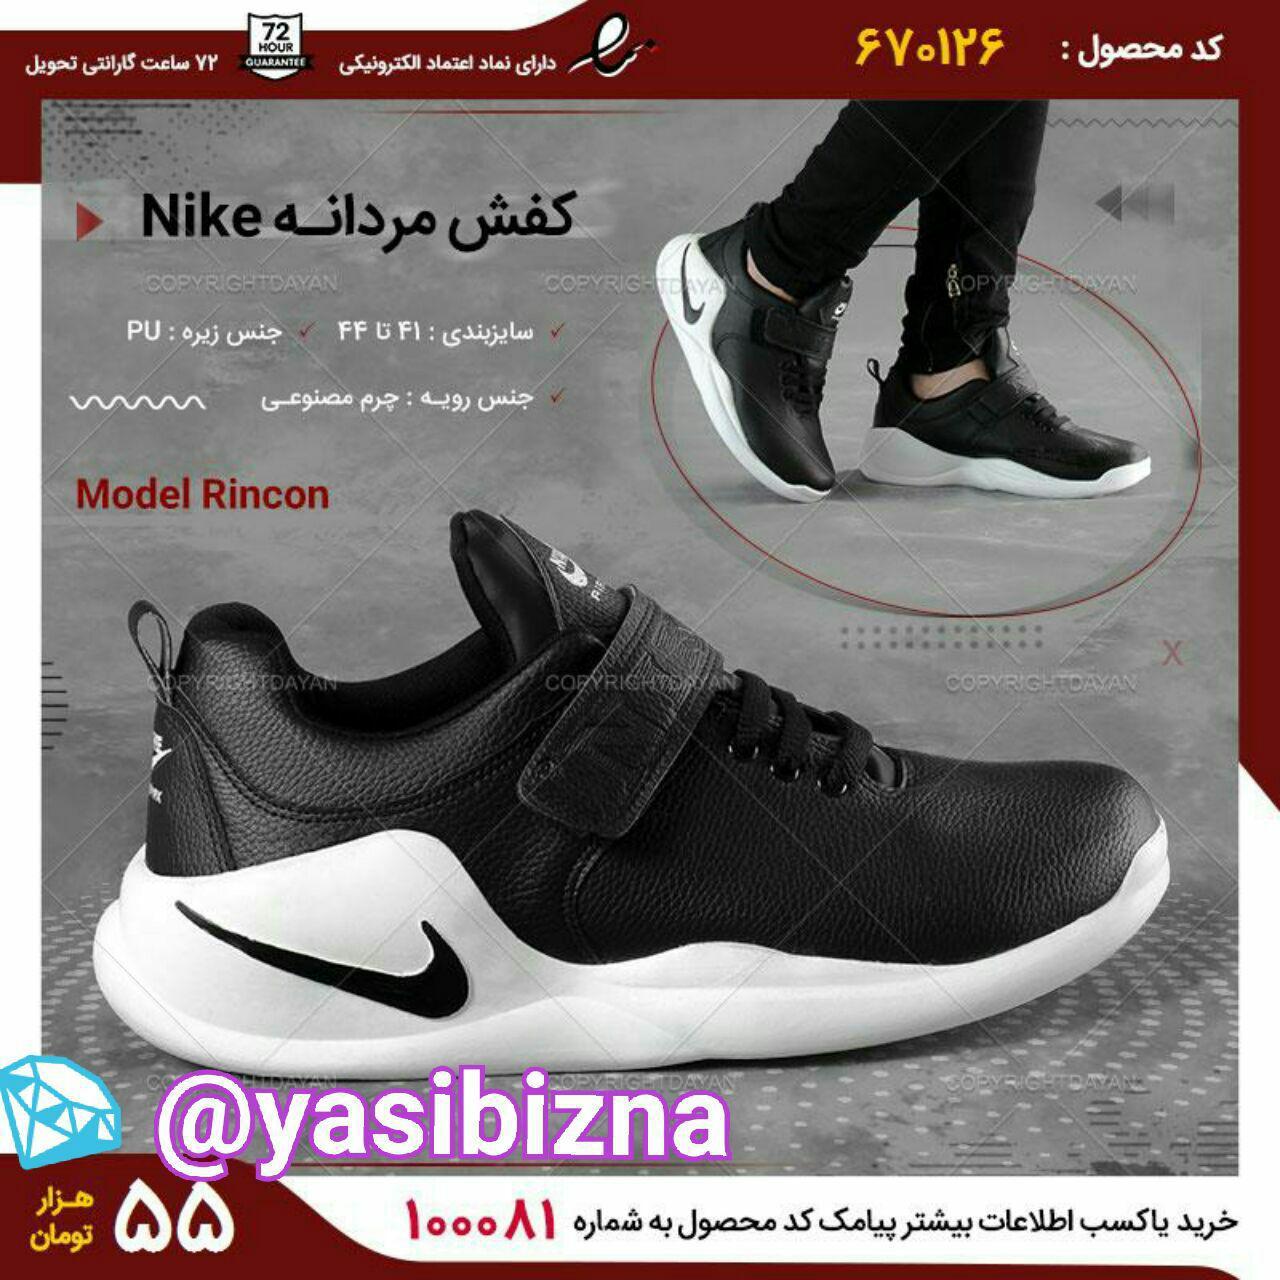 کفش مردانه Nike مدل Rincon(مشکی)